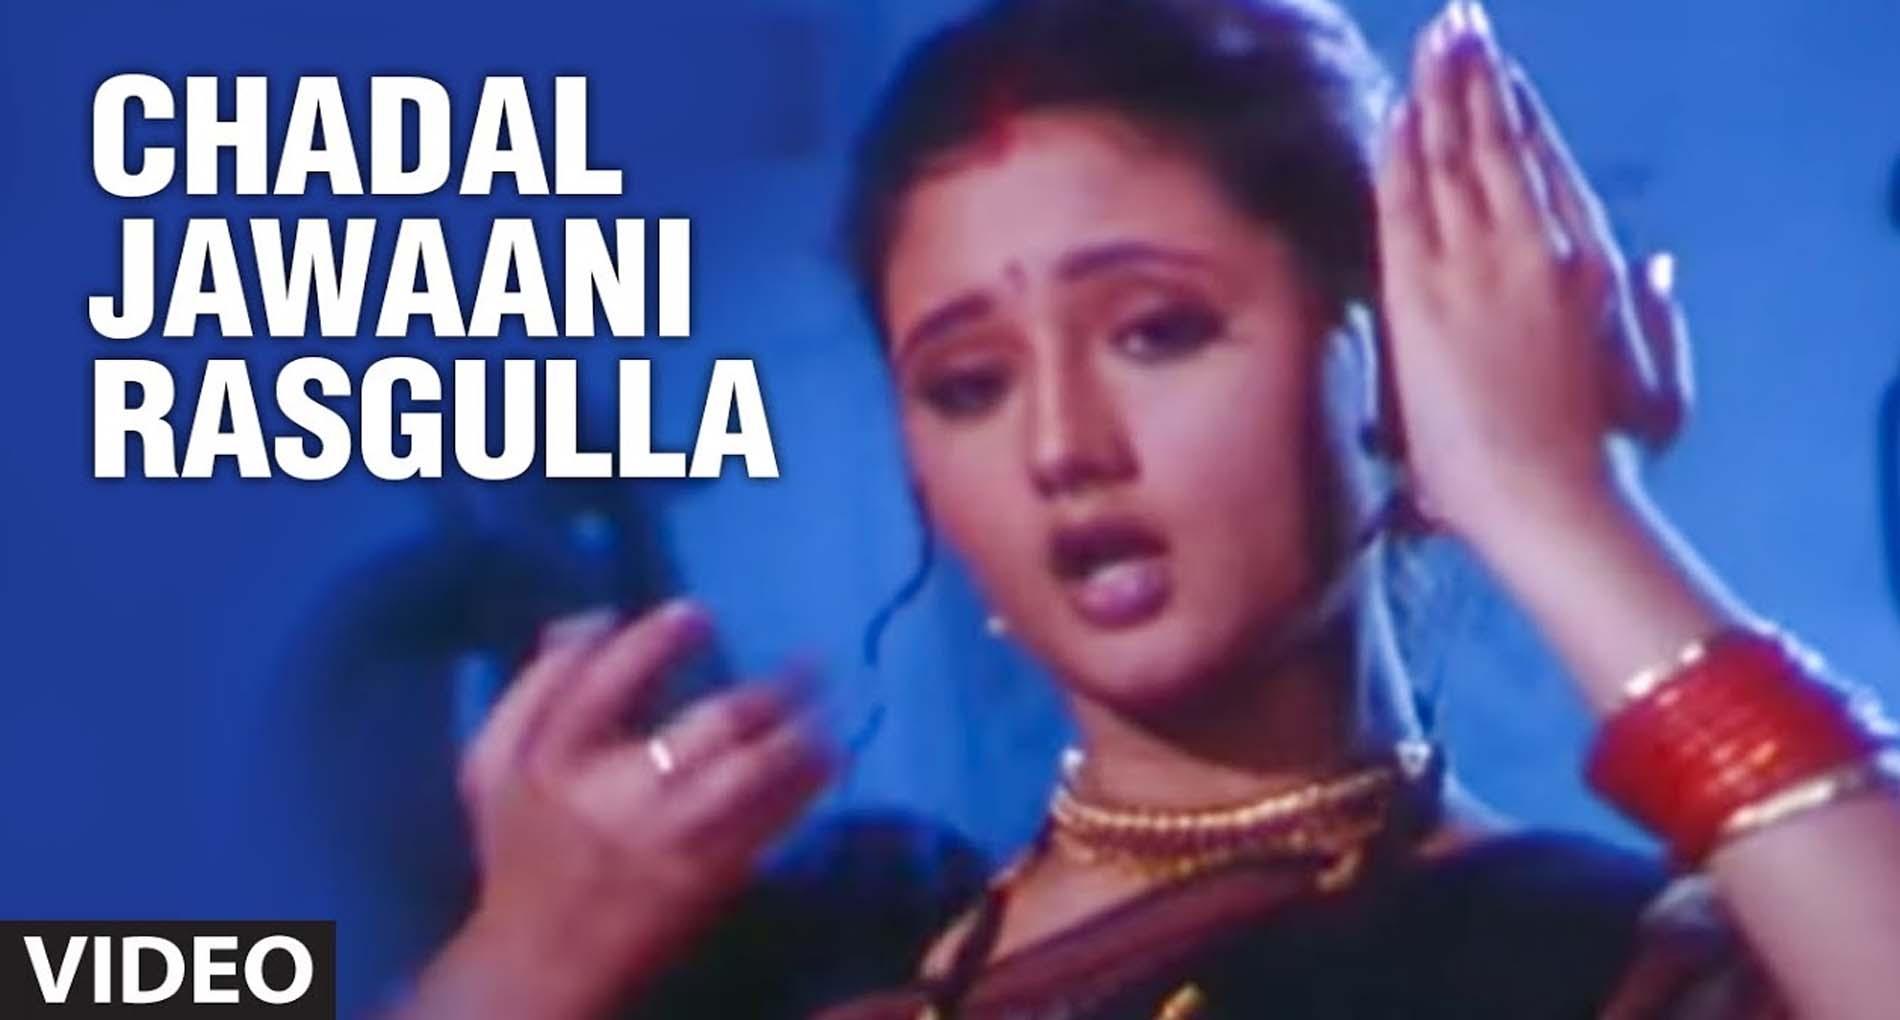 Rashami Desai Bhojpuri Song: 'चढ़ल जवानी रसगुल्ला' में दिल चुरा रहा रश्मि देसाई का अंदाज